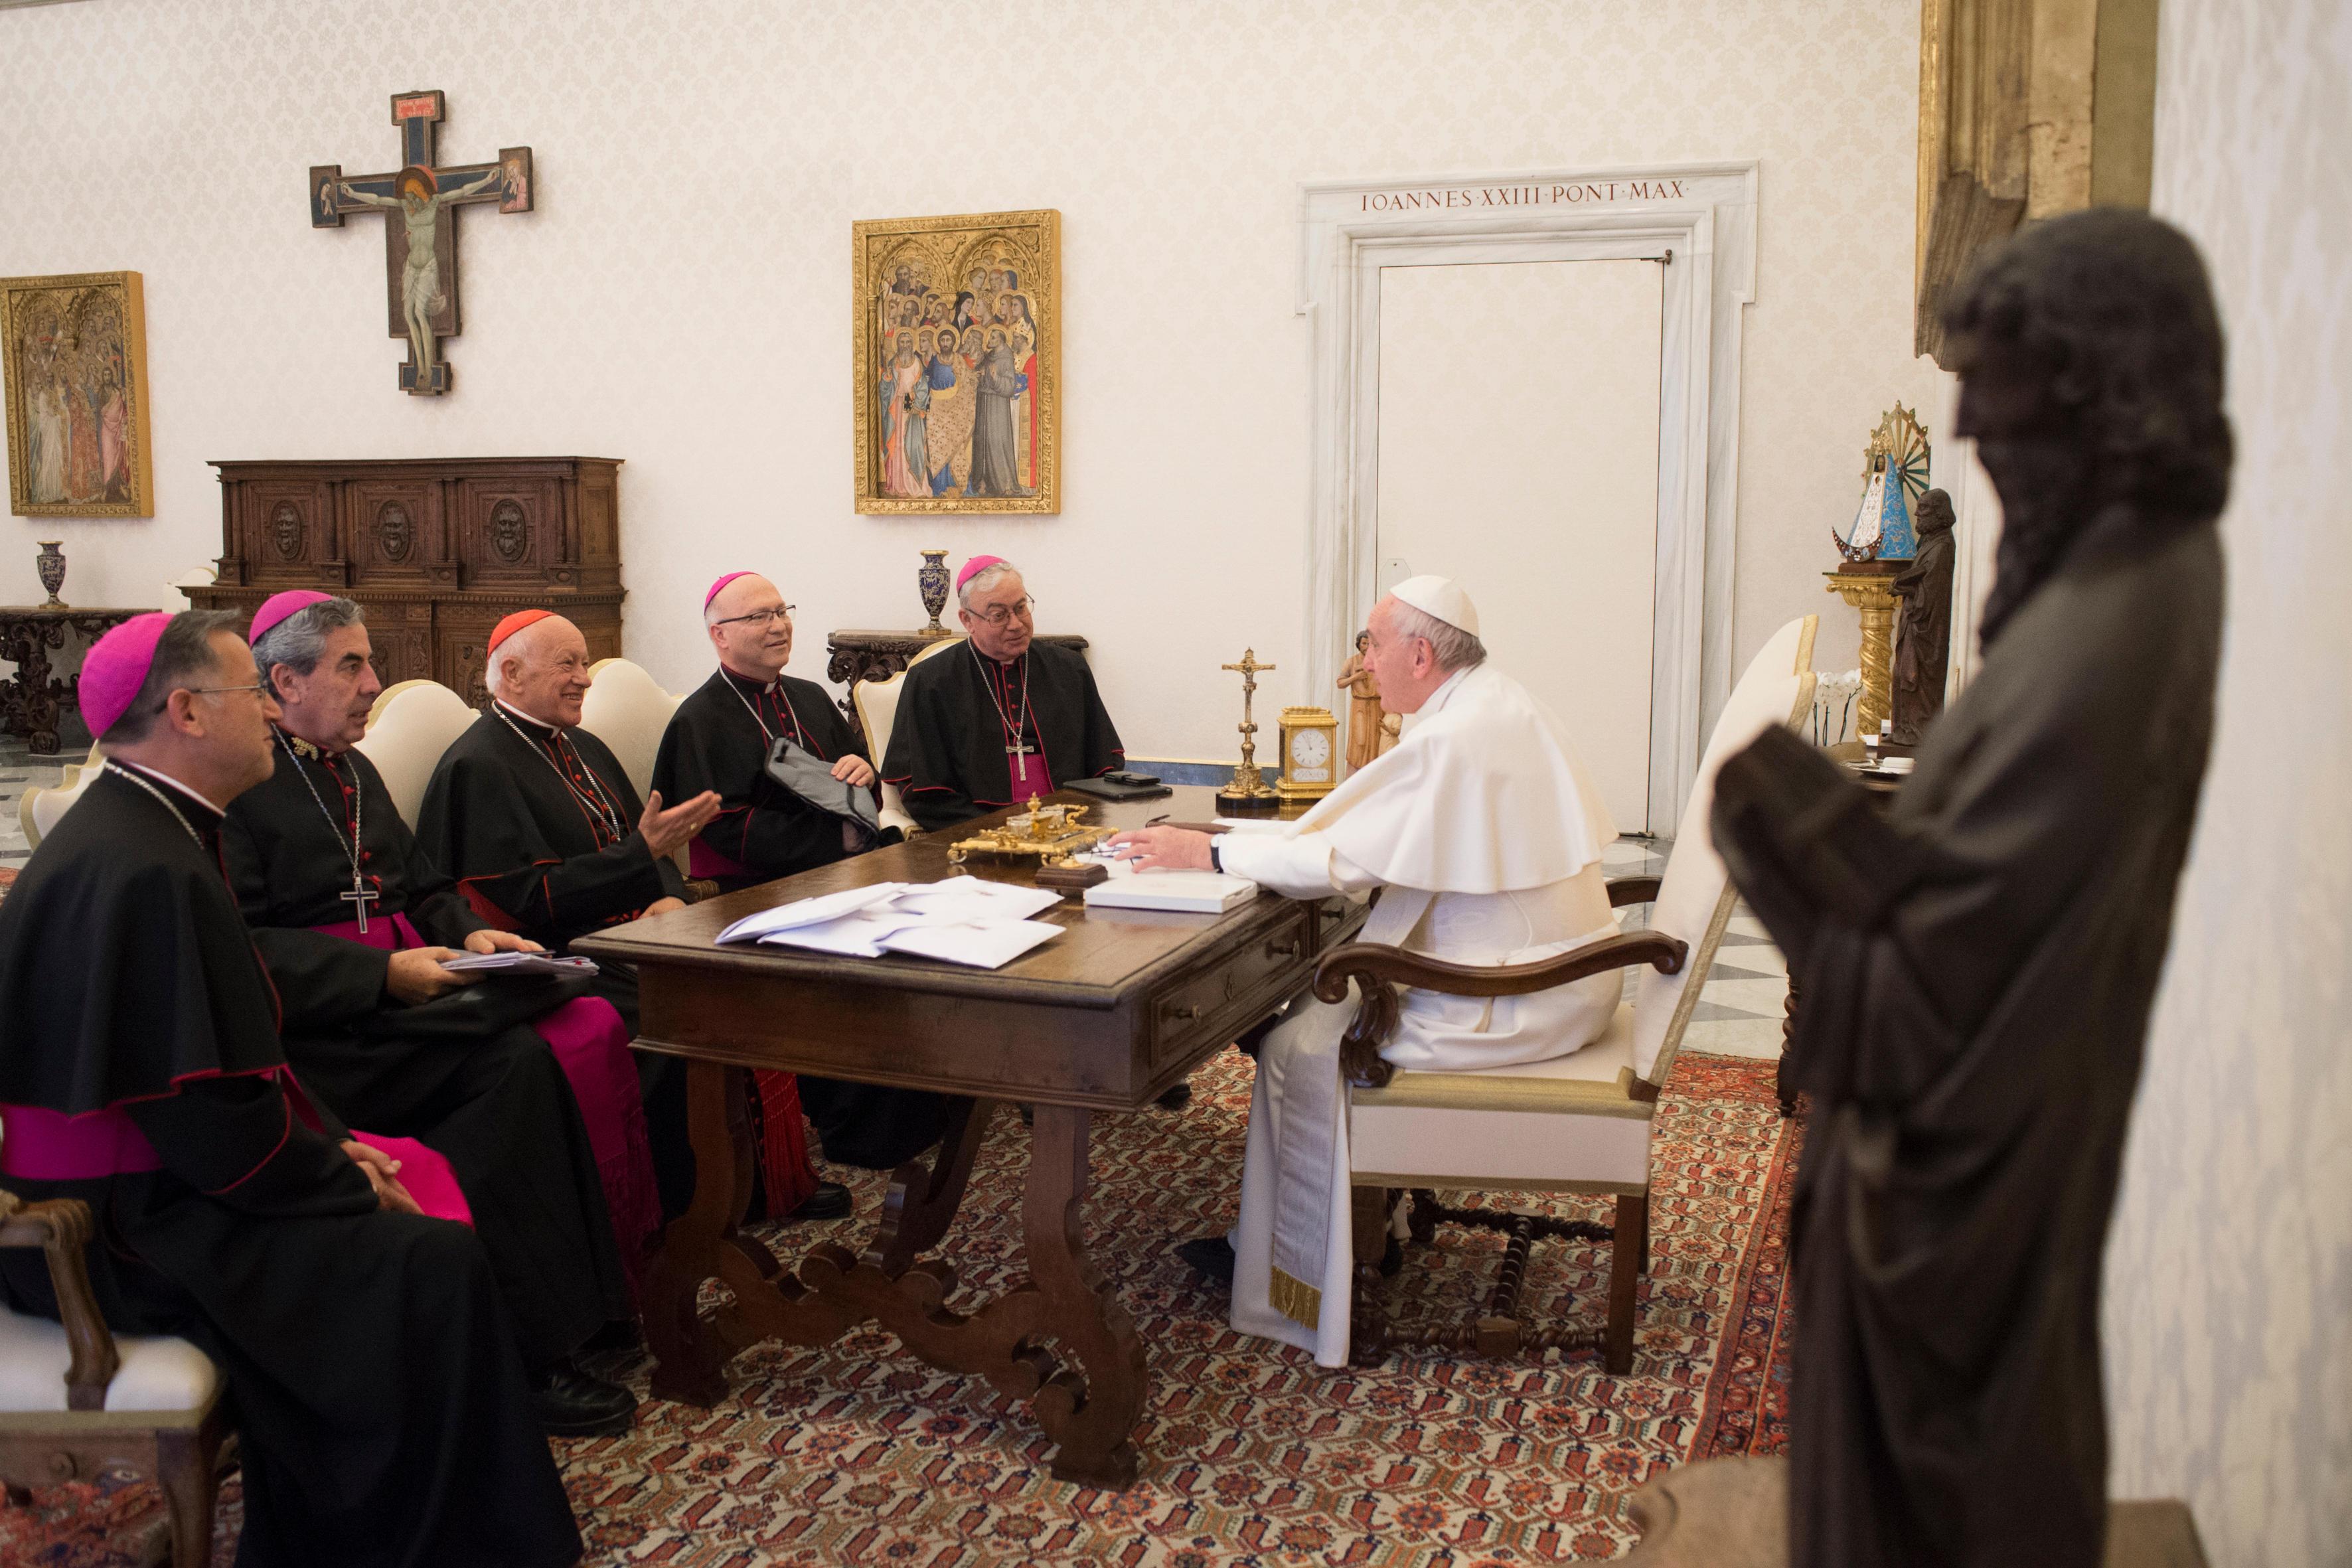 El Papa conversa con los obispos chilenos, 14 enero 2019 © Vatican Media